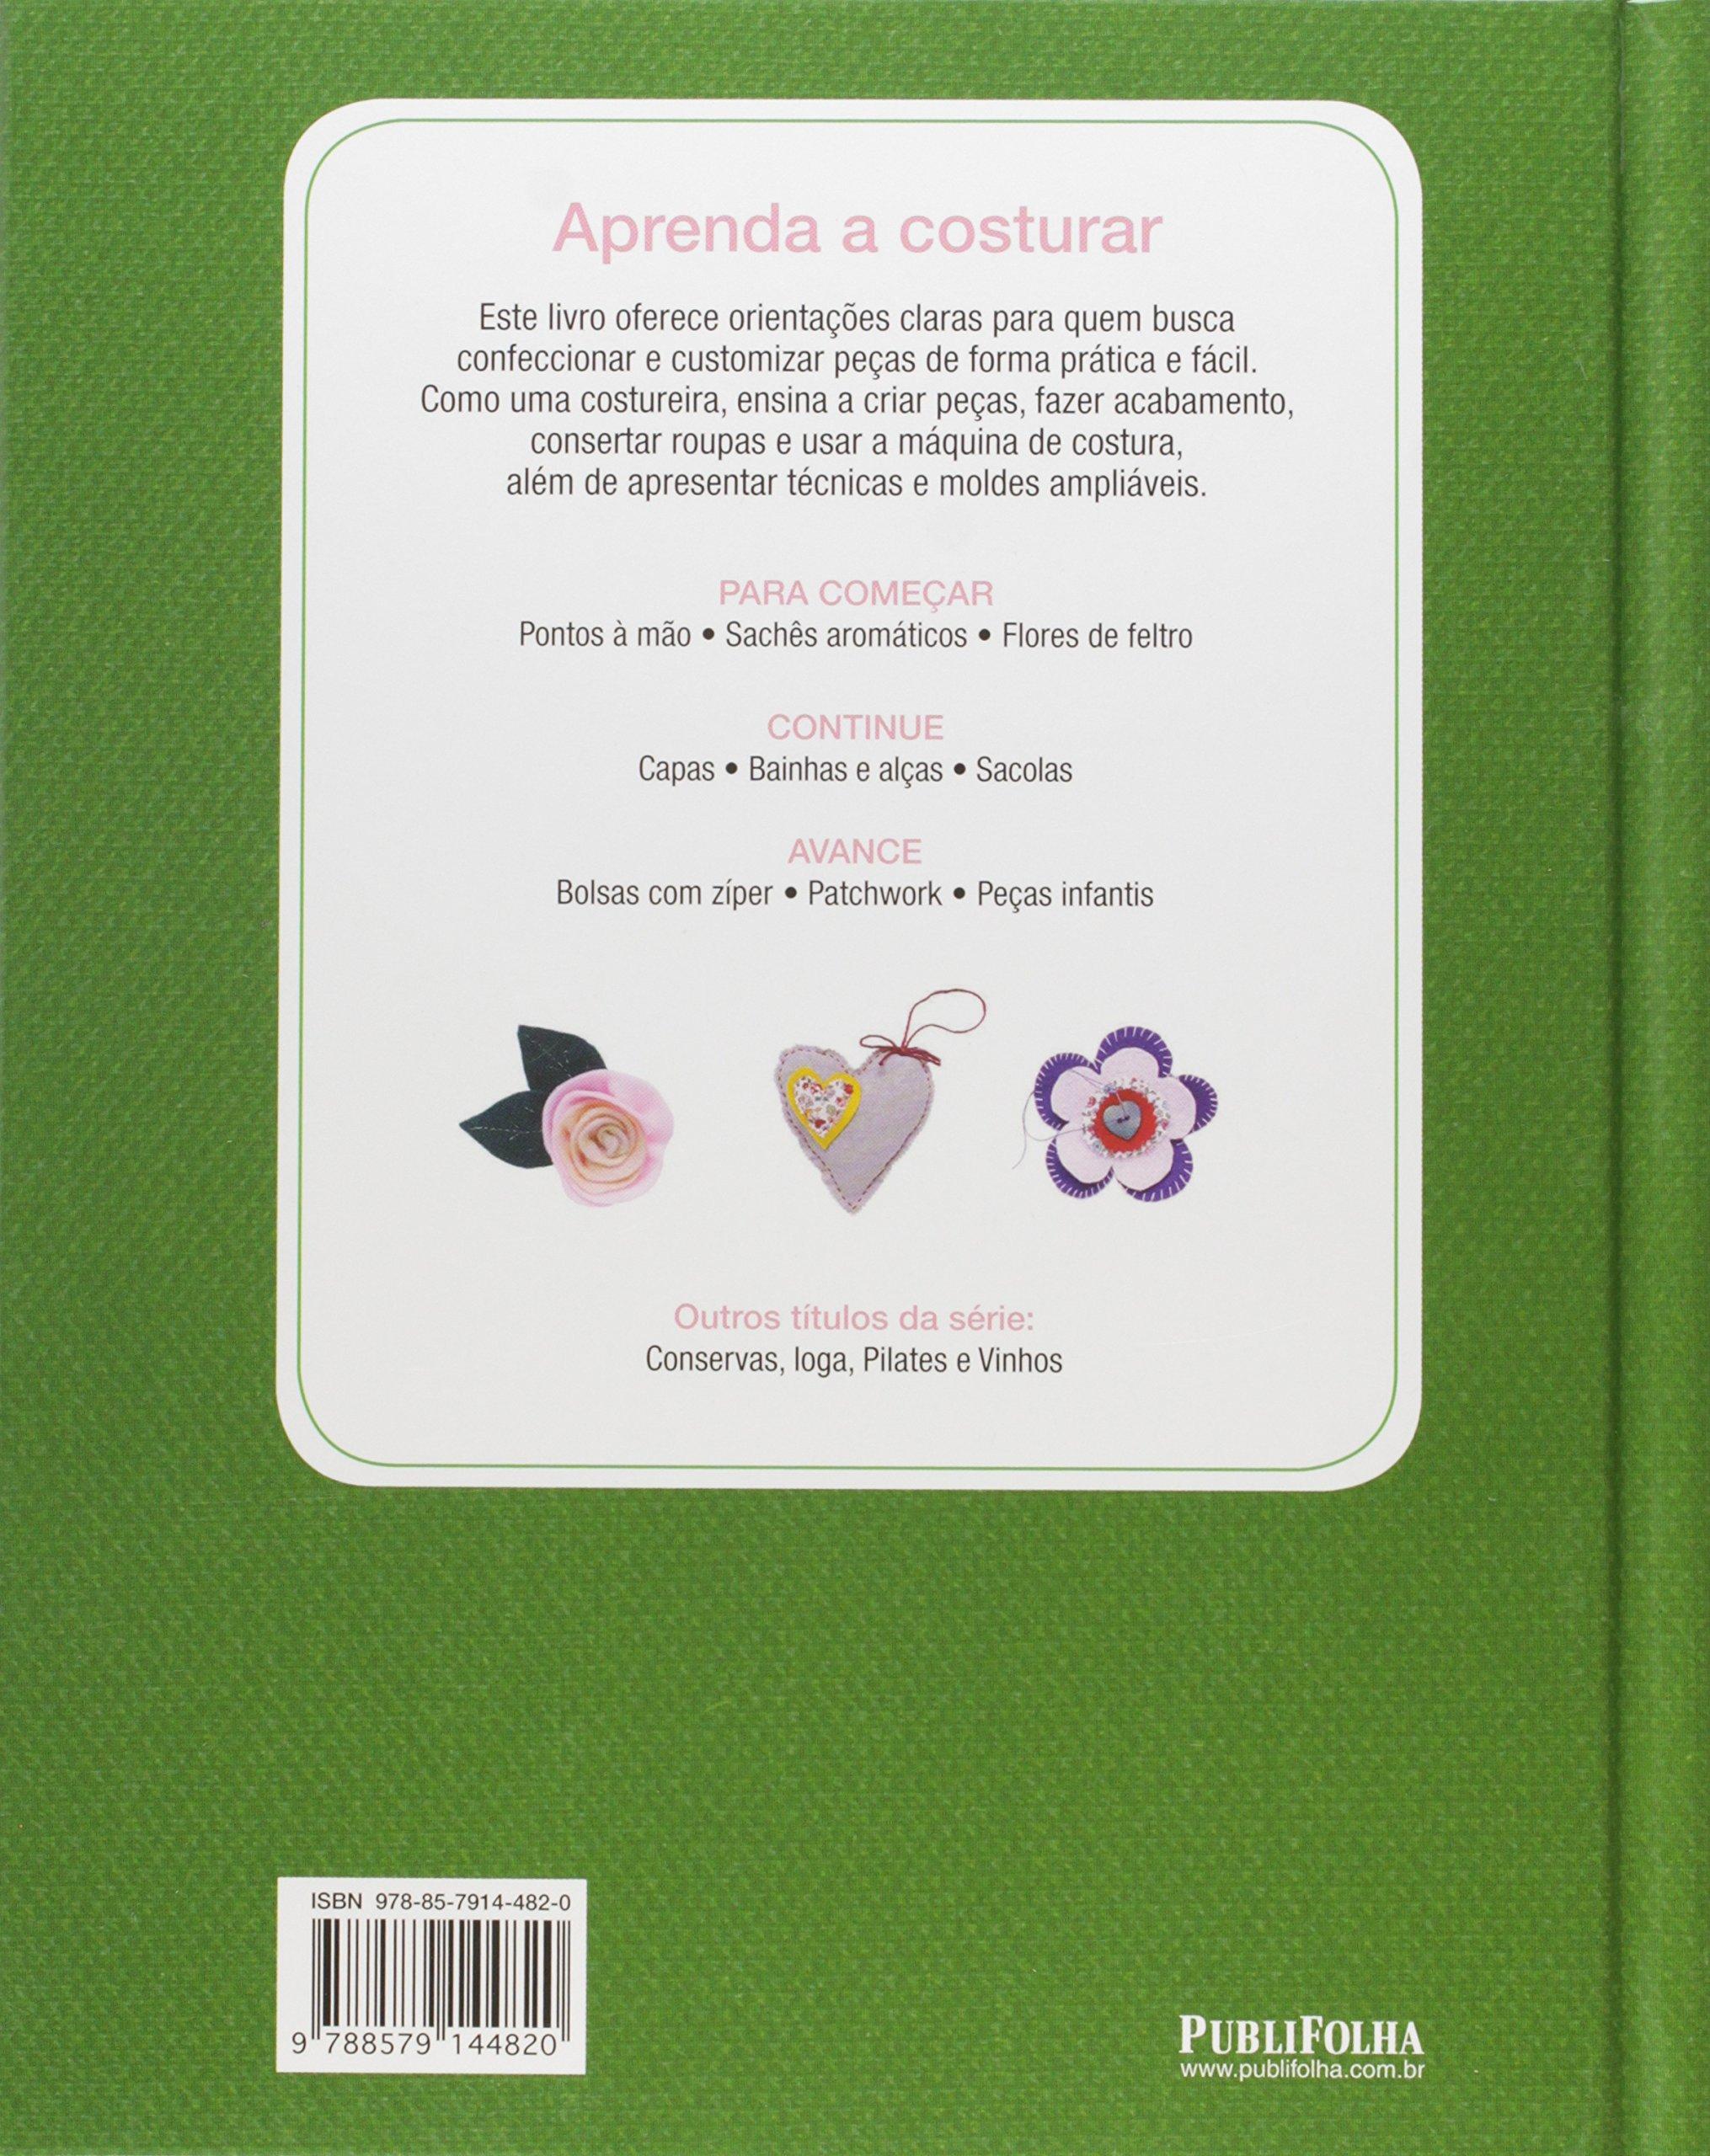 Curso Essencial De Costura (Em Portuguese do Brasil): Amazon.es: Hilary Mandleberg: Libros